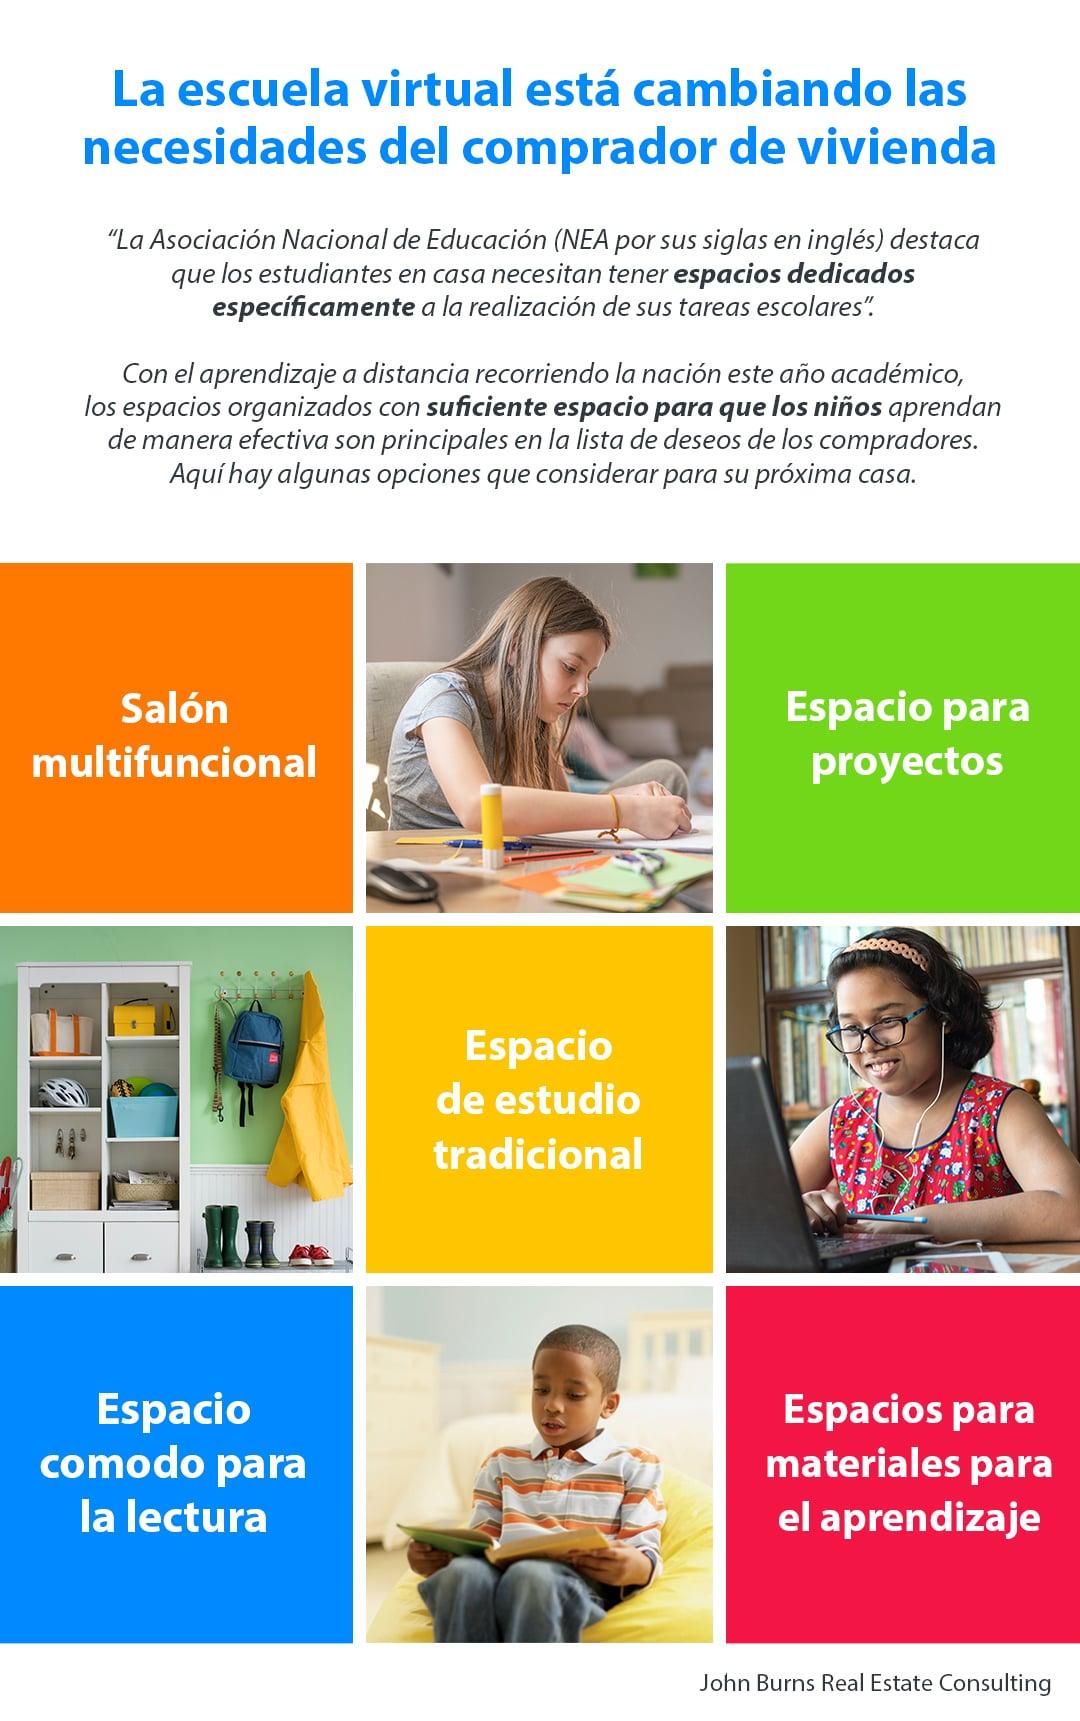 La escuela virtual está cambiando las necesidades del comprador de vivienda [Infografía] | Simplifying The Market